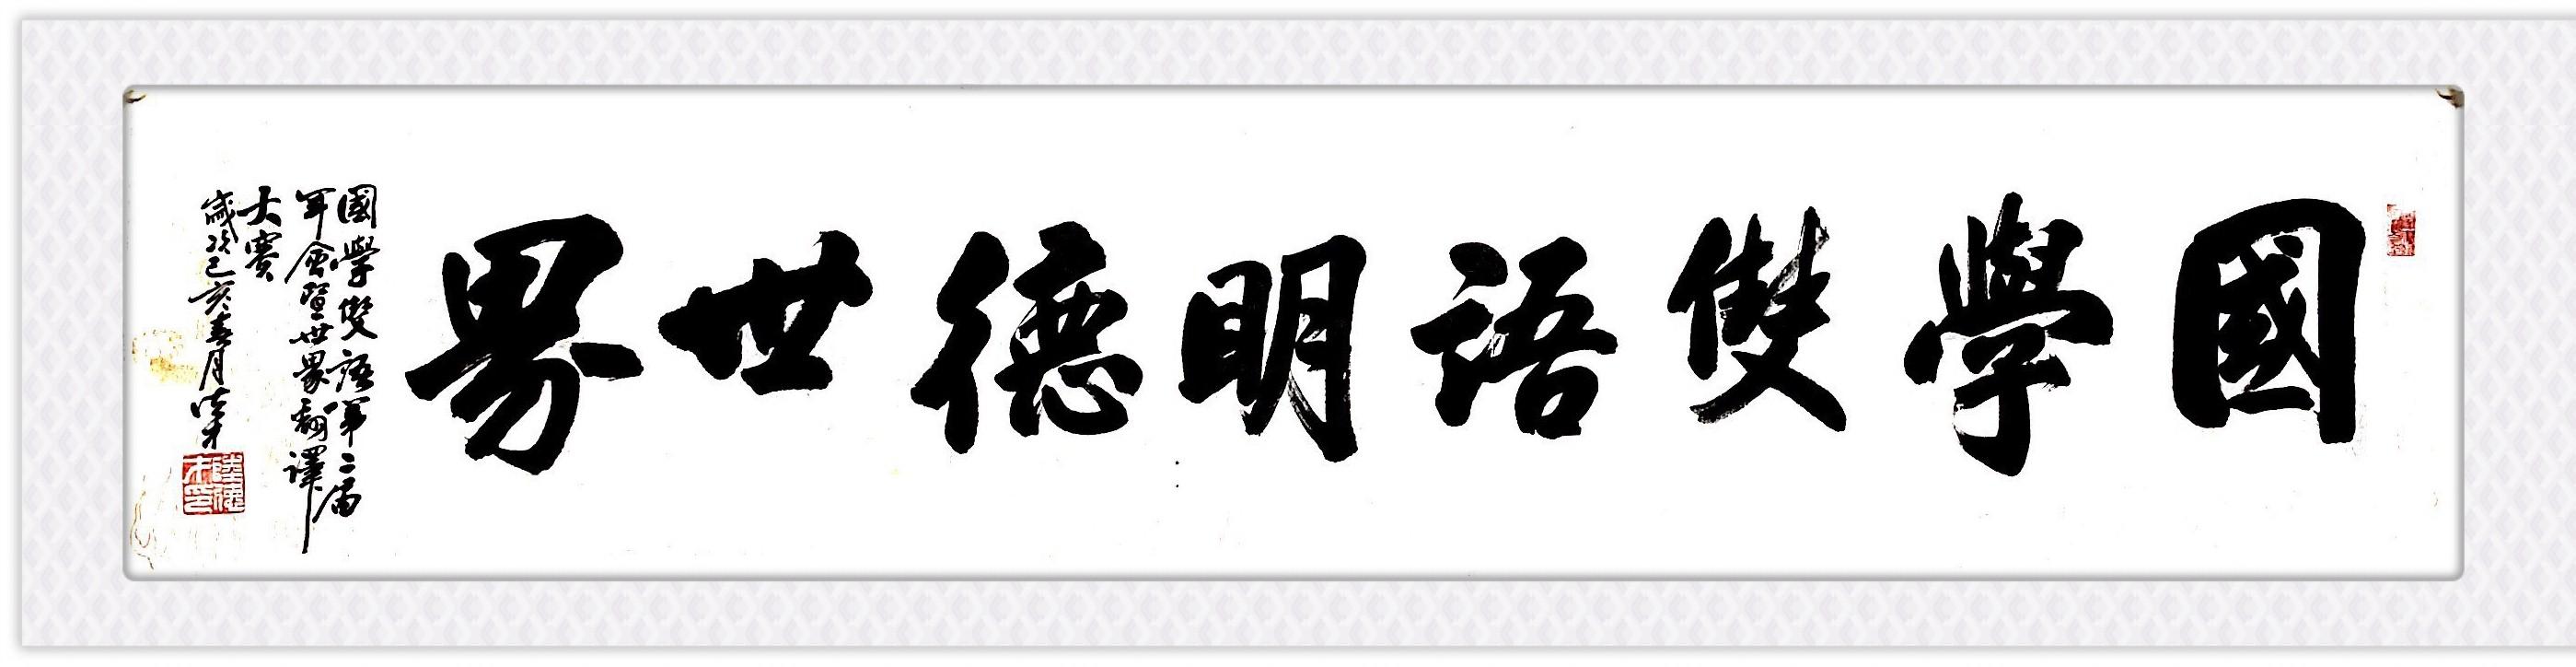 """首届""""儒易杯""""中华文化国际翻译大赛报名截止倒计时24小时!"""